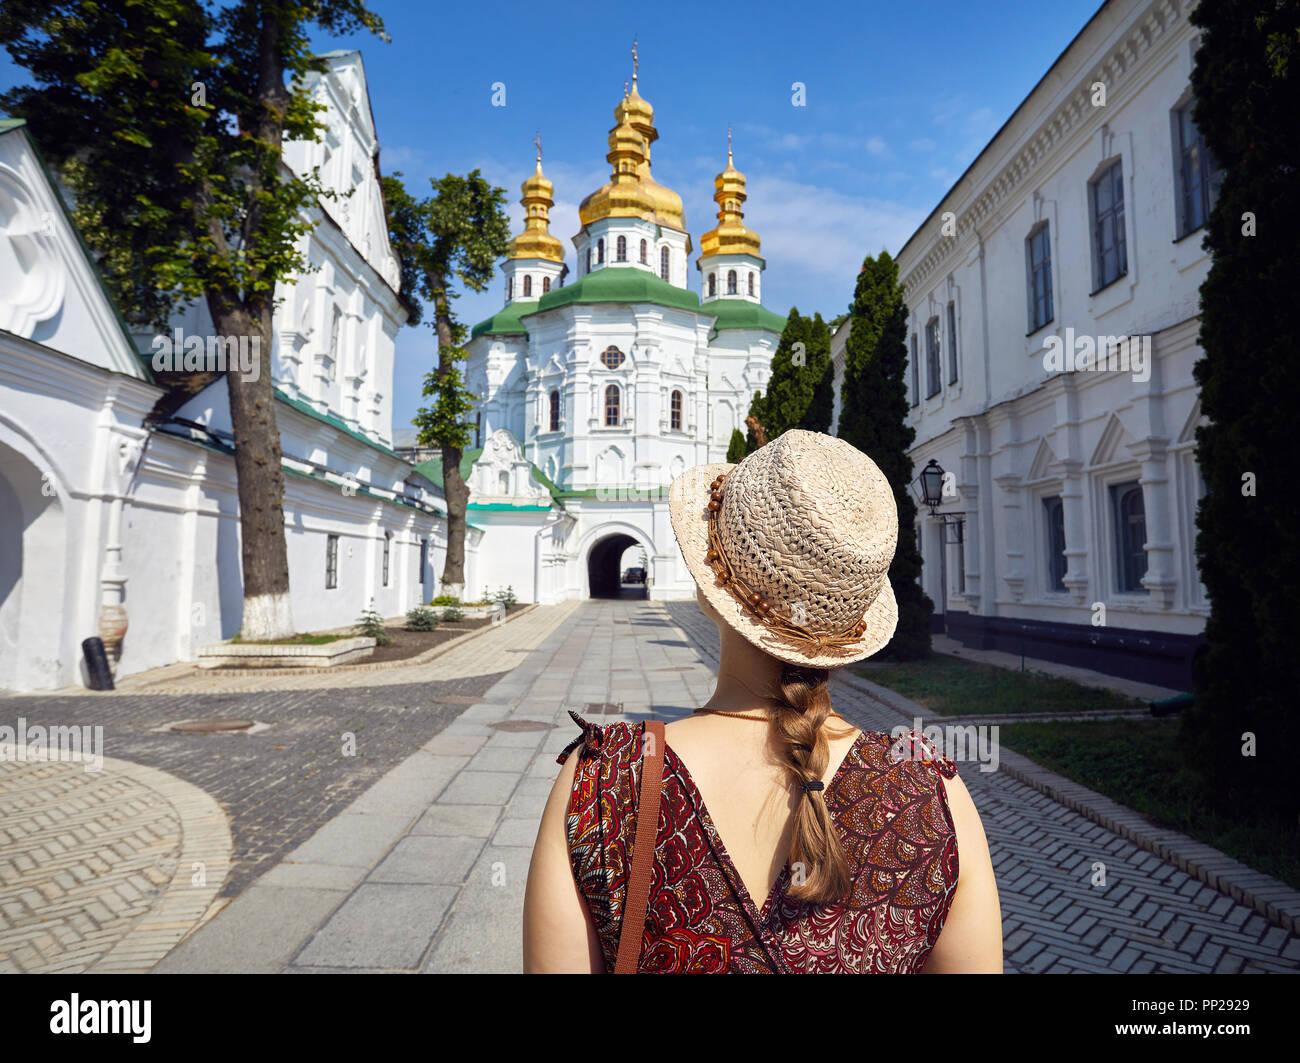 Donna in hat guardando alla Chiesa con cupole dorate a Kiev Pechersk Lavra complesso cristiano. Vecchia architettura storica a Kiev, Ucraina Immagini Stock